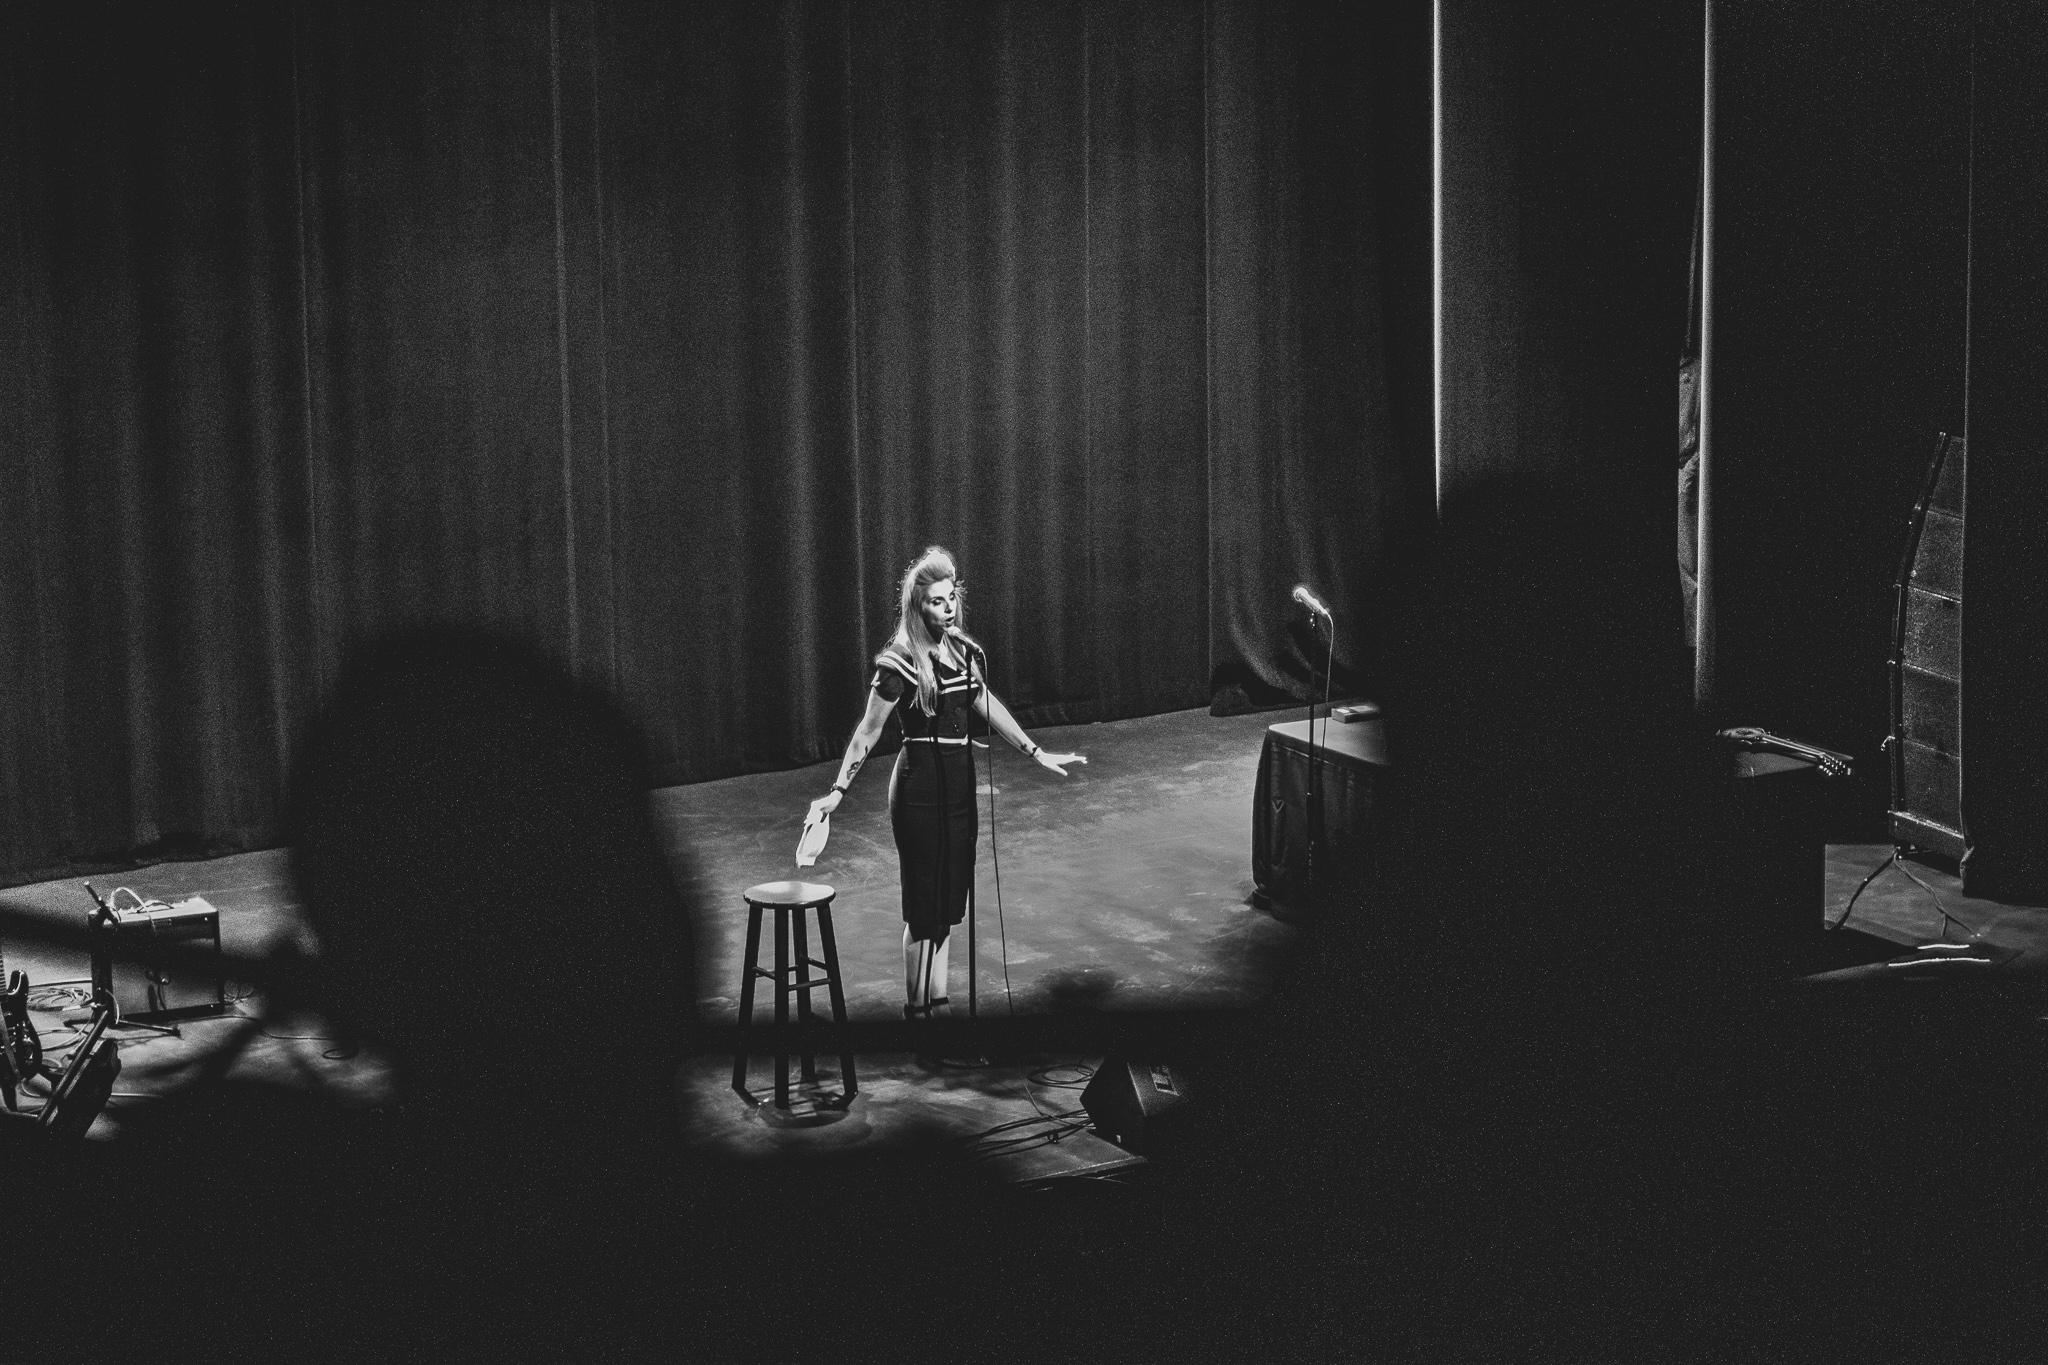 Meg Bashwiner / Photo by Gabby Estlund